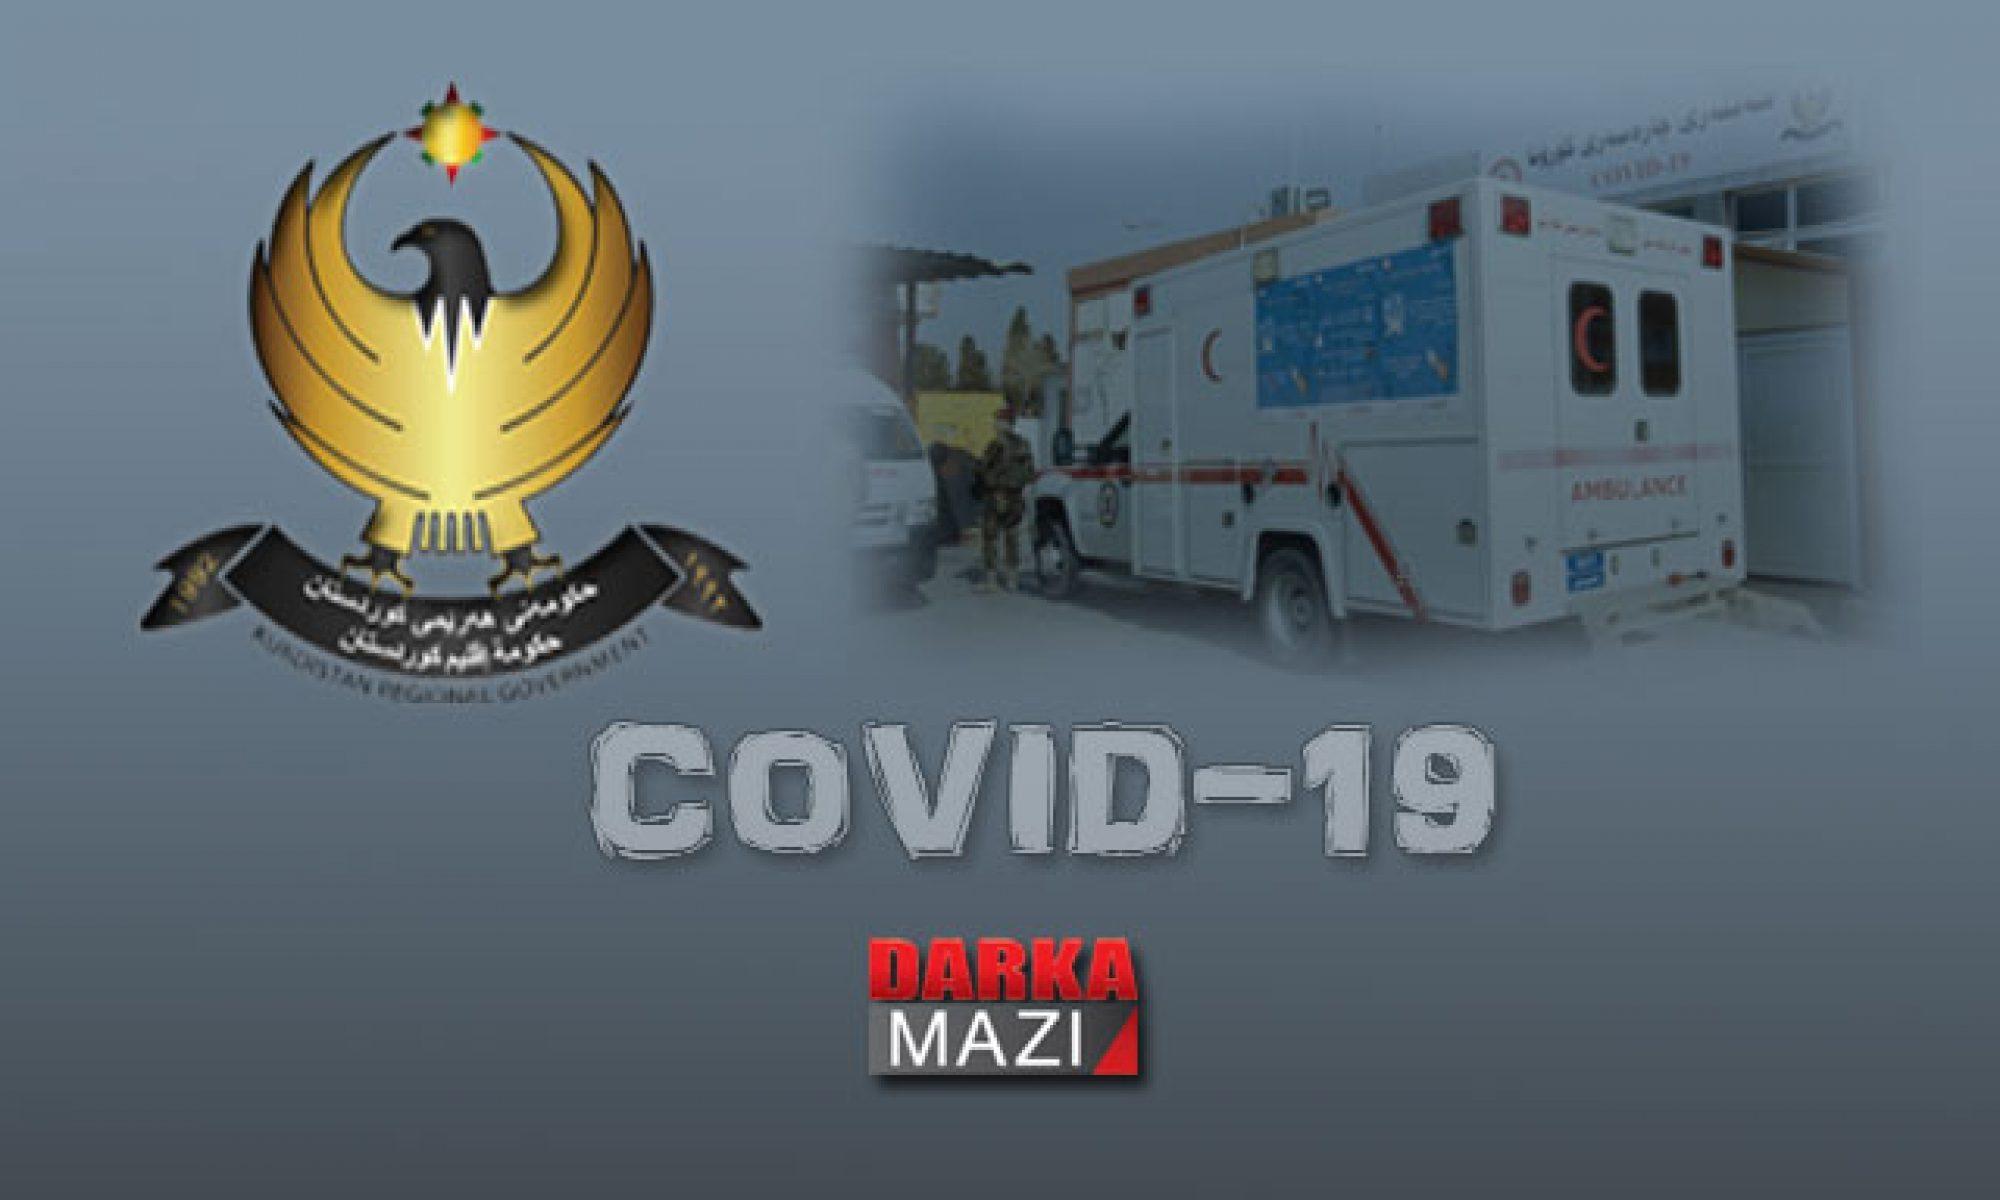 Erbil Ovası Sağlık Müdürlüğü yaptığı açıklamada, yapılan 400 coronavirüs testi sonuçlarını açıkladı. Erbil Ovası Sağlık Müdürlüğü bugün sosyal medya hesabı Facebook'tan yayınladığı açıklamada, Erbil Ovası Sağlık Müdürü Dr. Ehmed Palani öncülüğünde Kesnezan'a bağlı Telar City ve Quştepe Mülteci Kampında 400 coronavirüs testi yapıldığını belirtti. Telar City ve Quştepe Mülteci Kampında önceki gün 5 coronavirüs vakası çıkmıştı. Erbil Ovası Sağlık Müdürlüğü açıklamasının devamında, alınan 400 coronavirüs test sonuçlarının ellerine ulaştığını ve hepsinin negatif çıktığını, fakat her şeye rağmen Telar City ve Quştepe Mülteci kampındaki vatandaşların sağlık kurallarına en azami şekilde uymaları gerektiğini dile getirdi.